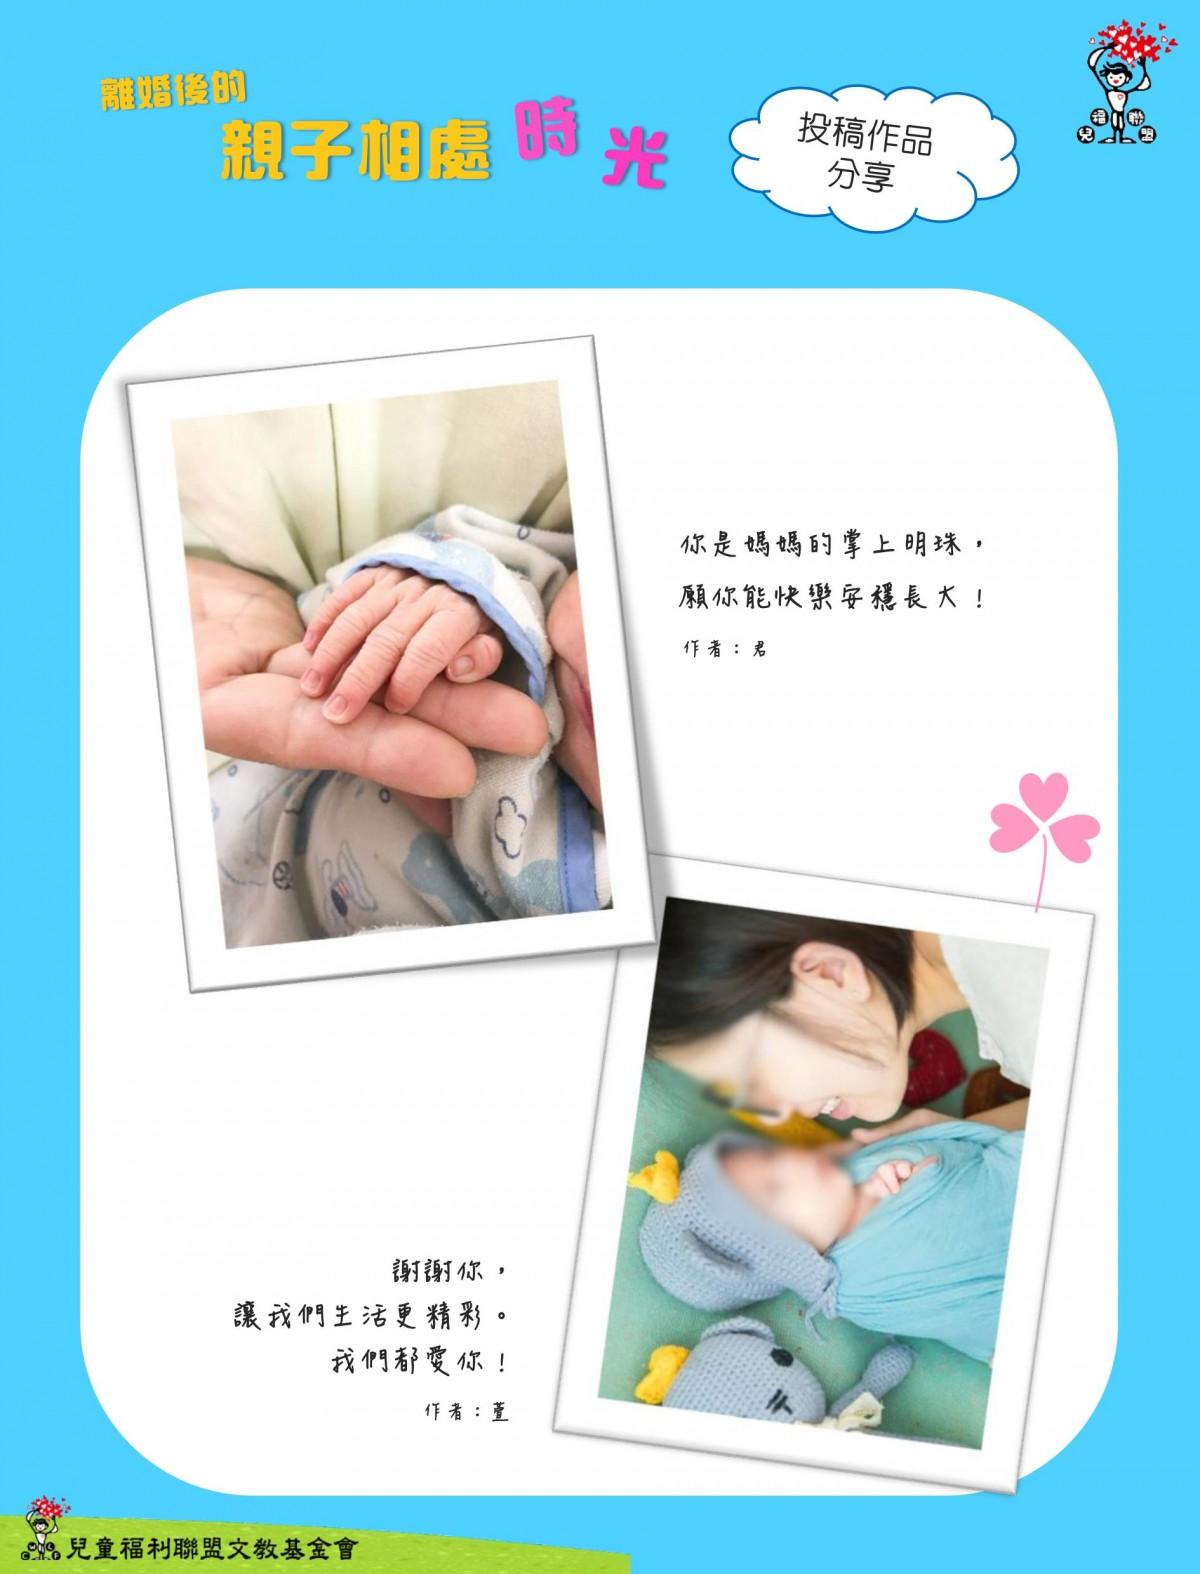 【親子相處時光】畫作及攝影作品分享(2)